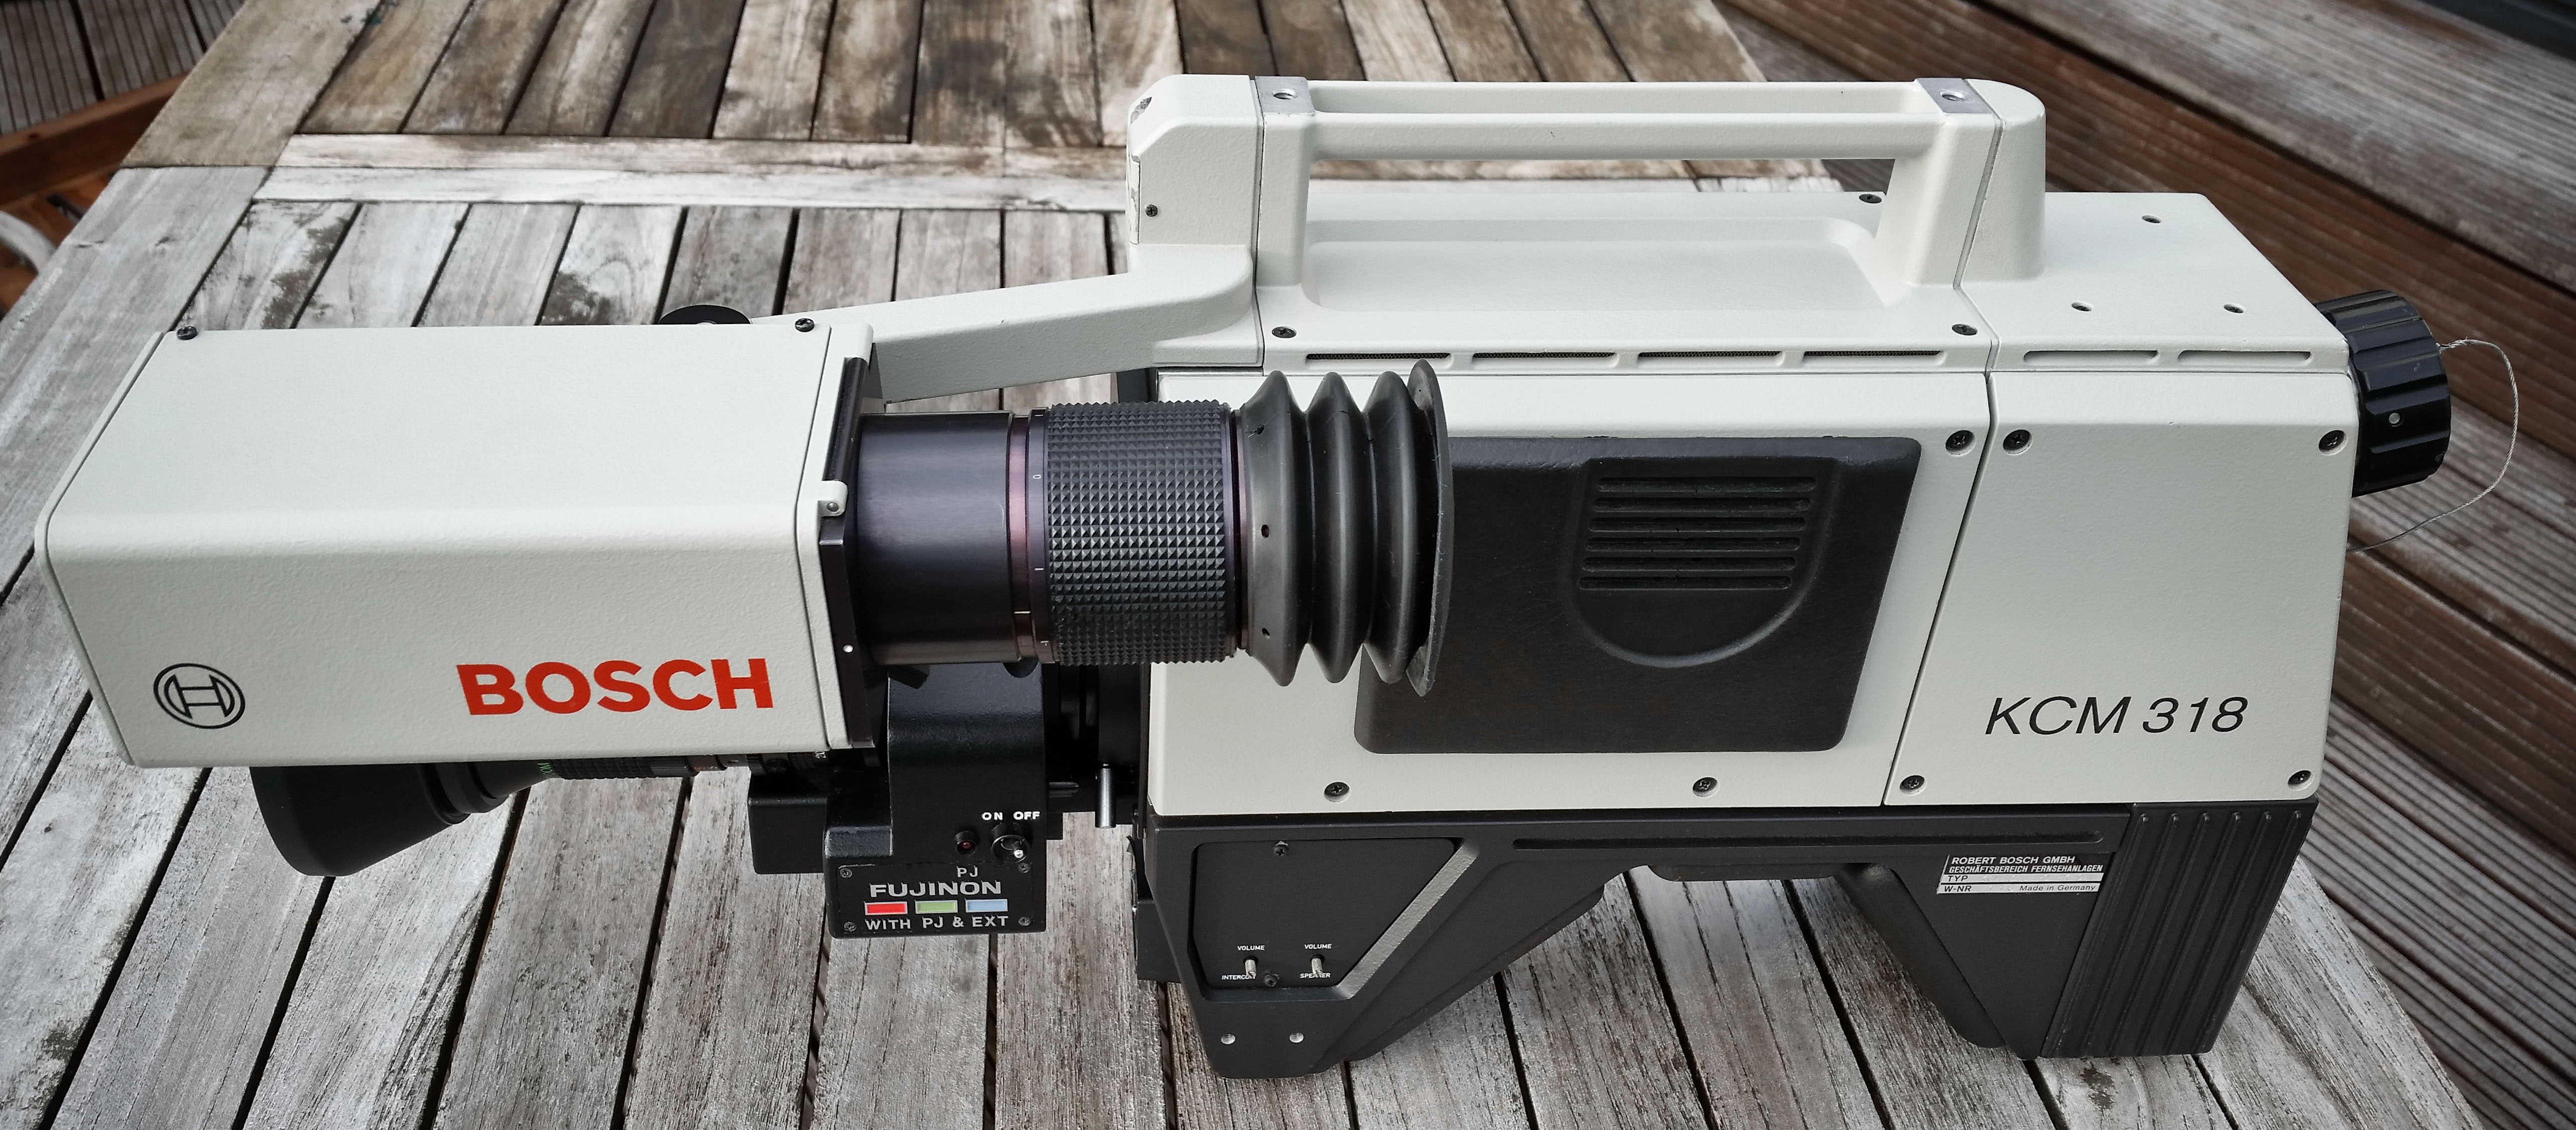 Bosch KCM 318